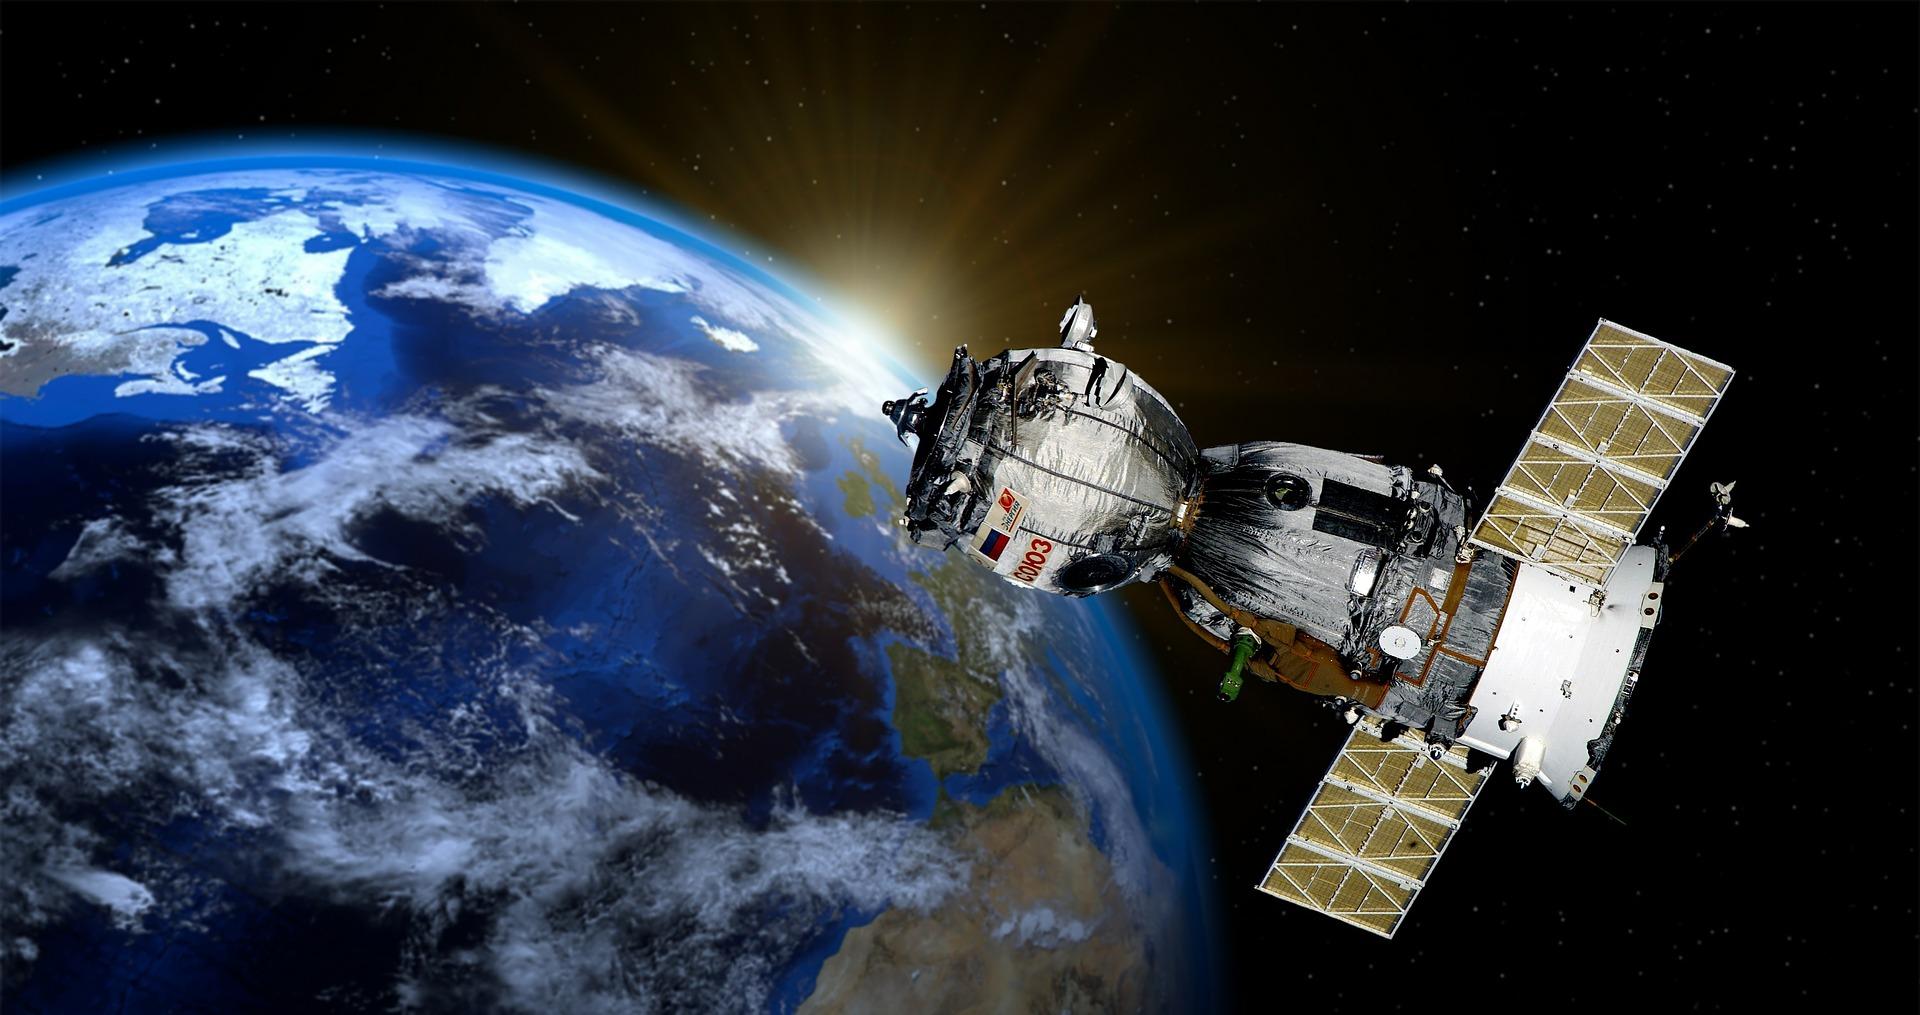 中共繞過美國出口管制,利用波音和美國航天技術公司Maxar Technologies擁有的衛星公司SSL打造的9顆繞地球運行的衛星,來幫助中共政府做事,包括迫害人權的活動。(pixabay)